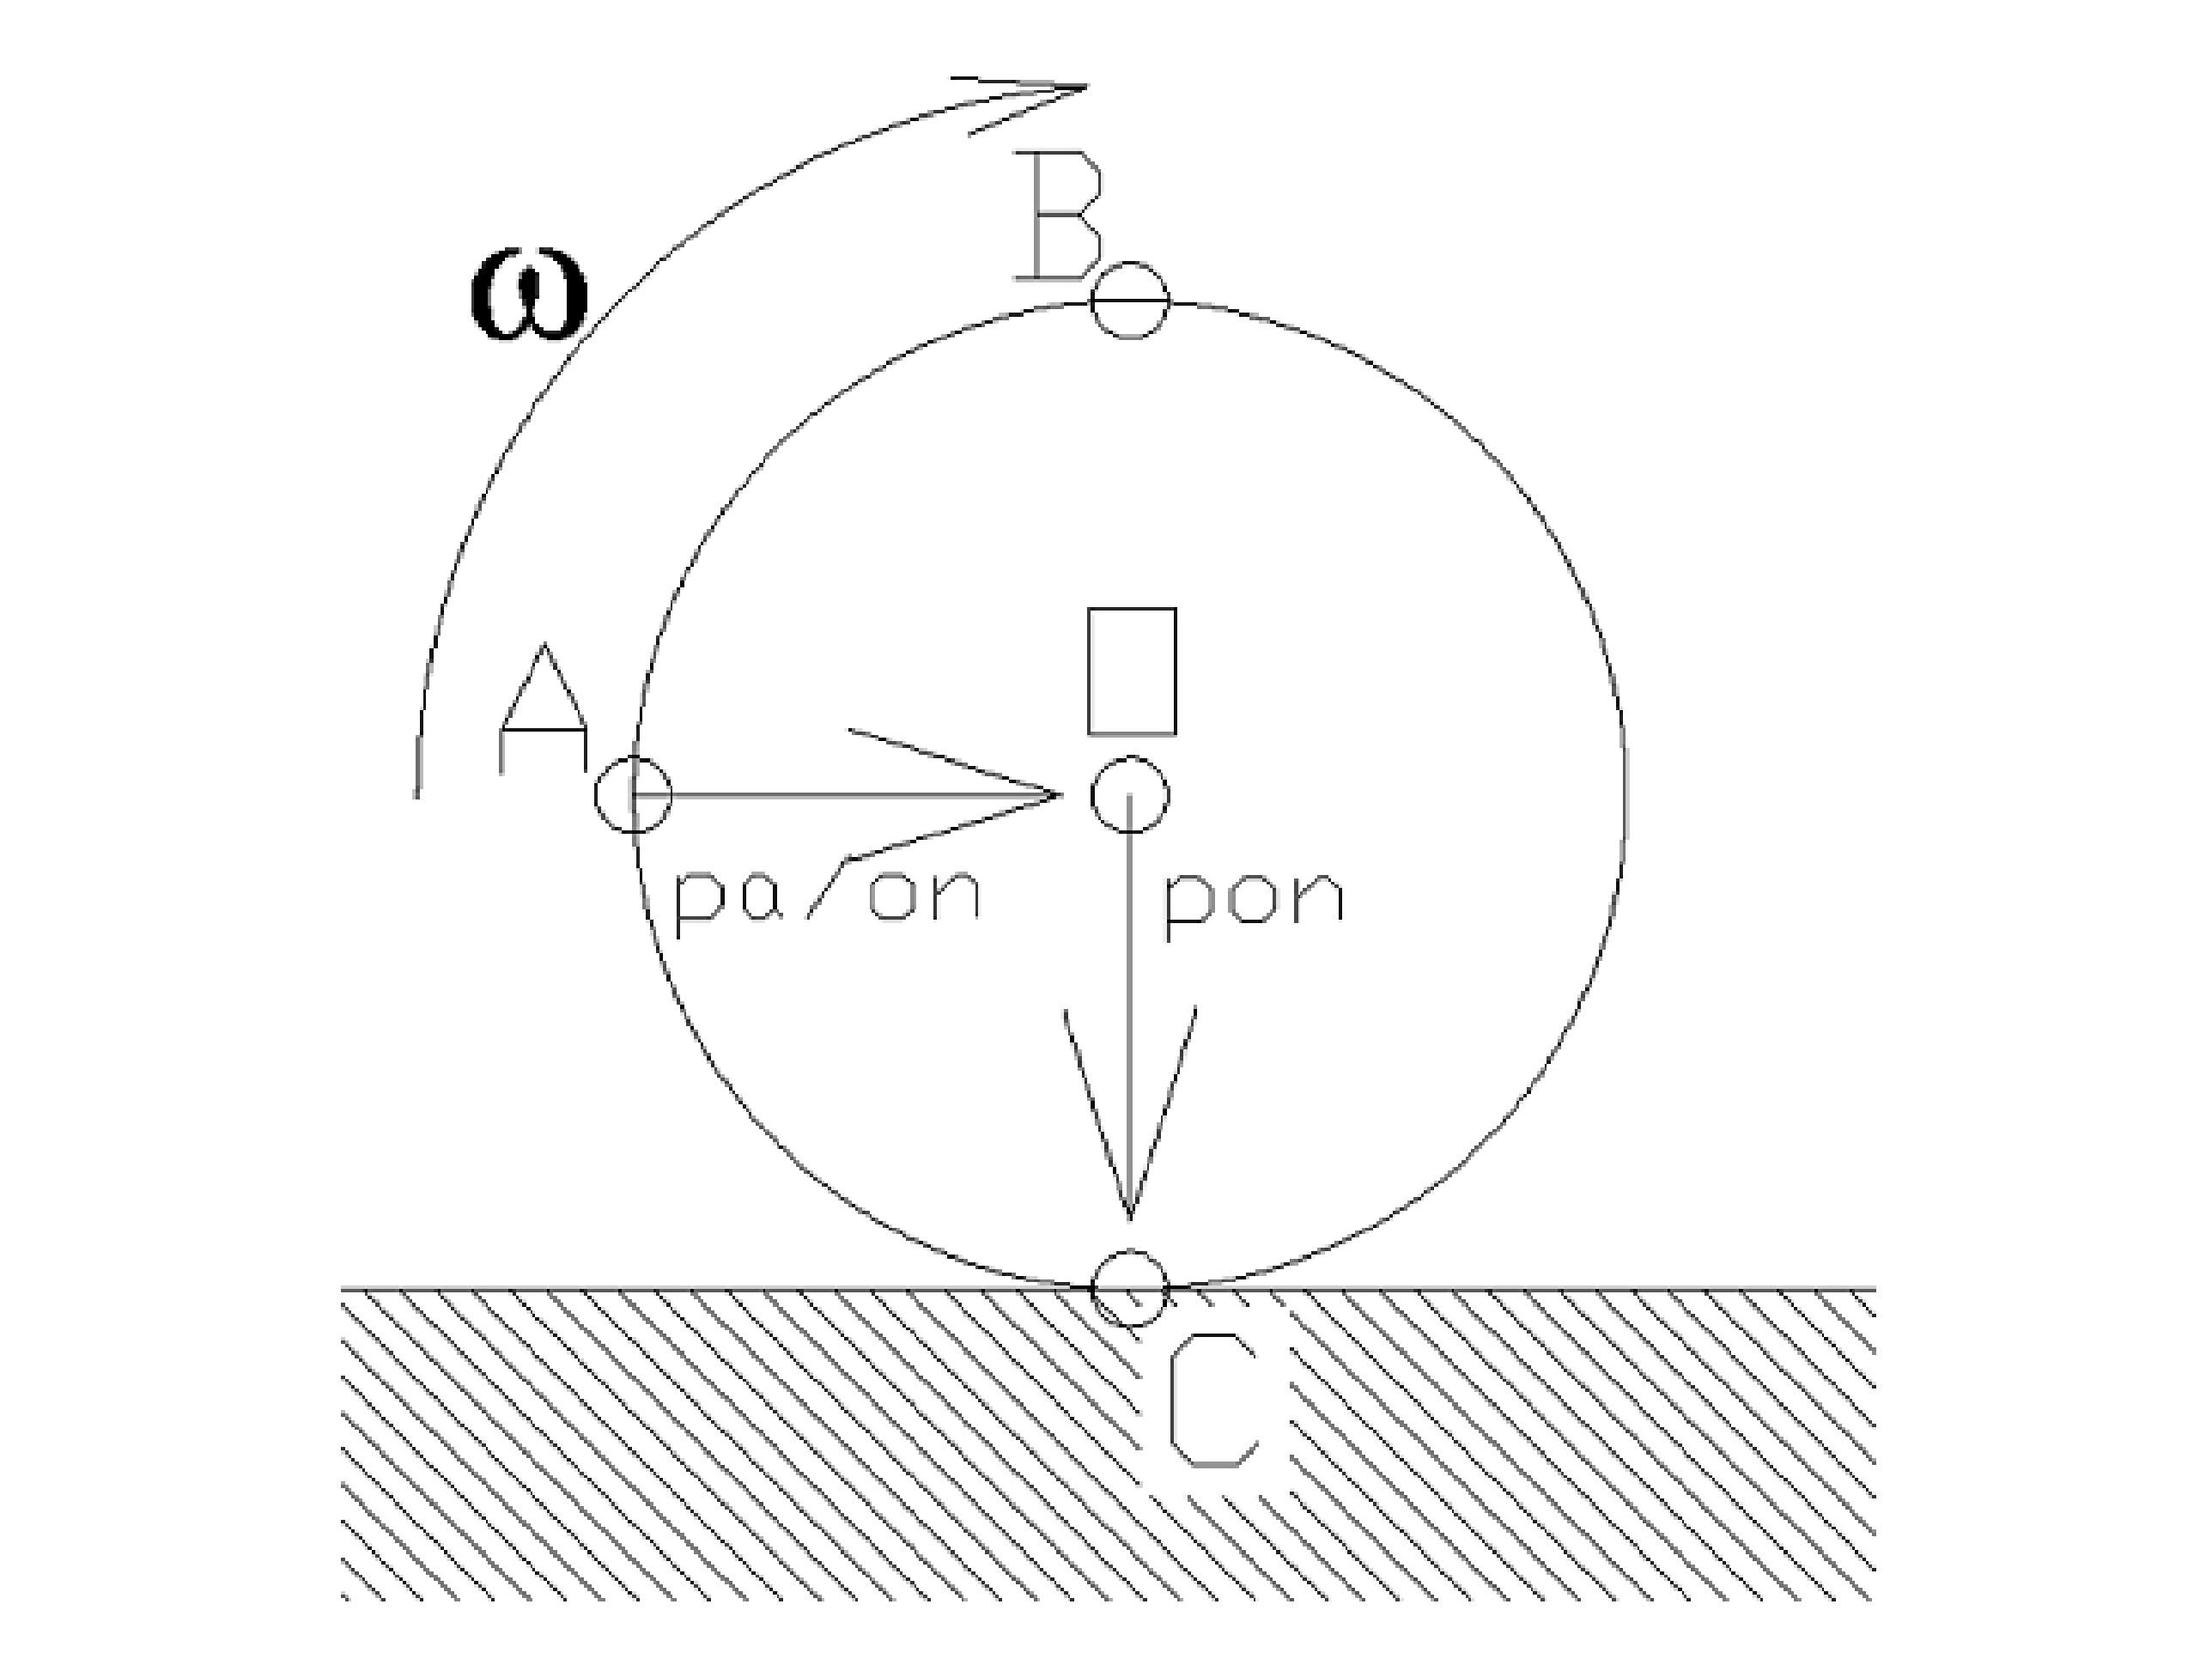 kinematyka1 - Ruch płaski - przyspieszenie - kinematyka - zadanie 4